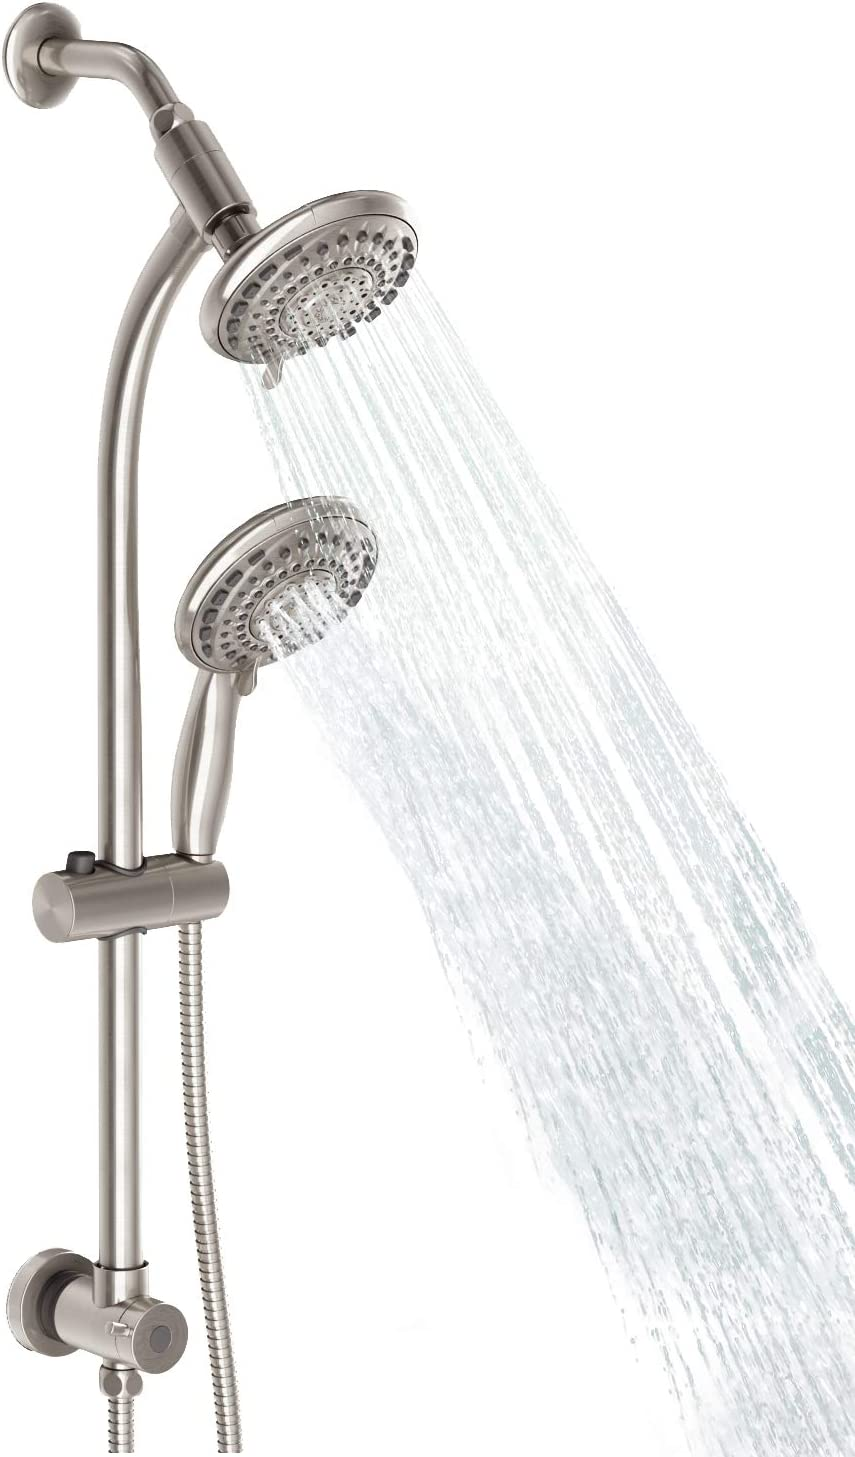 EGRETSHOWER Function Handheld Shower Head